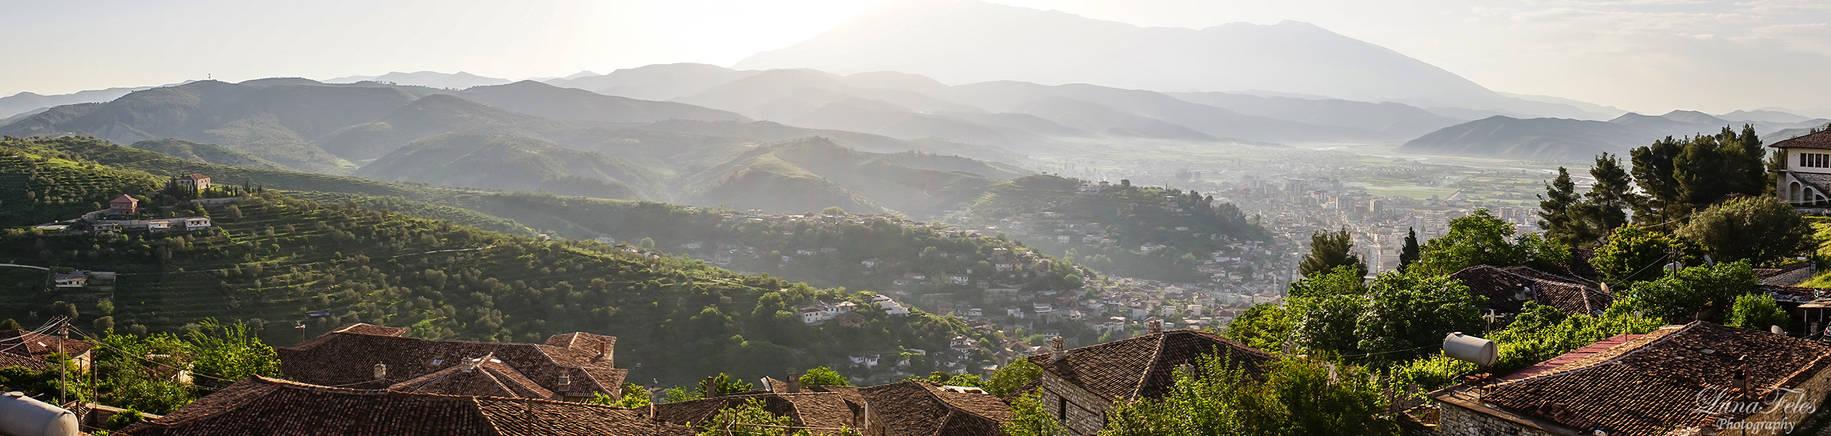 Berat - Panorama